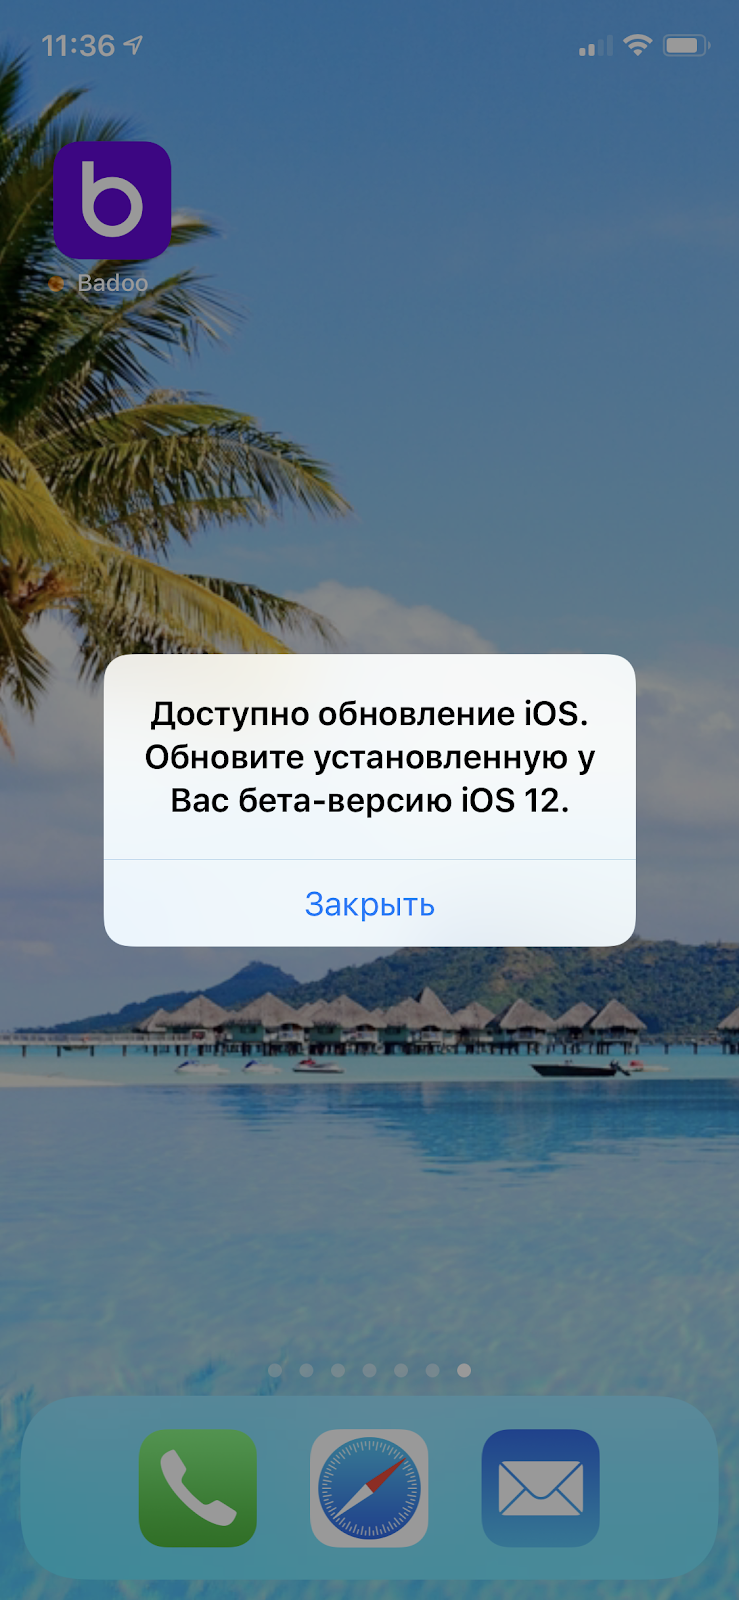 8 интересных багов беты iOS 12 и как мы их искали - 3